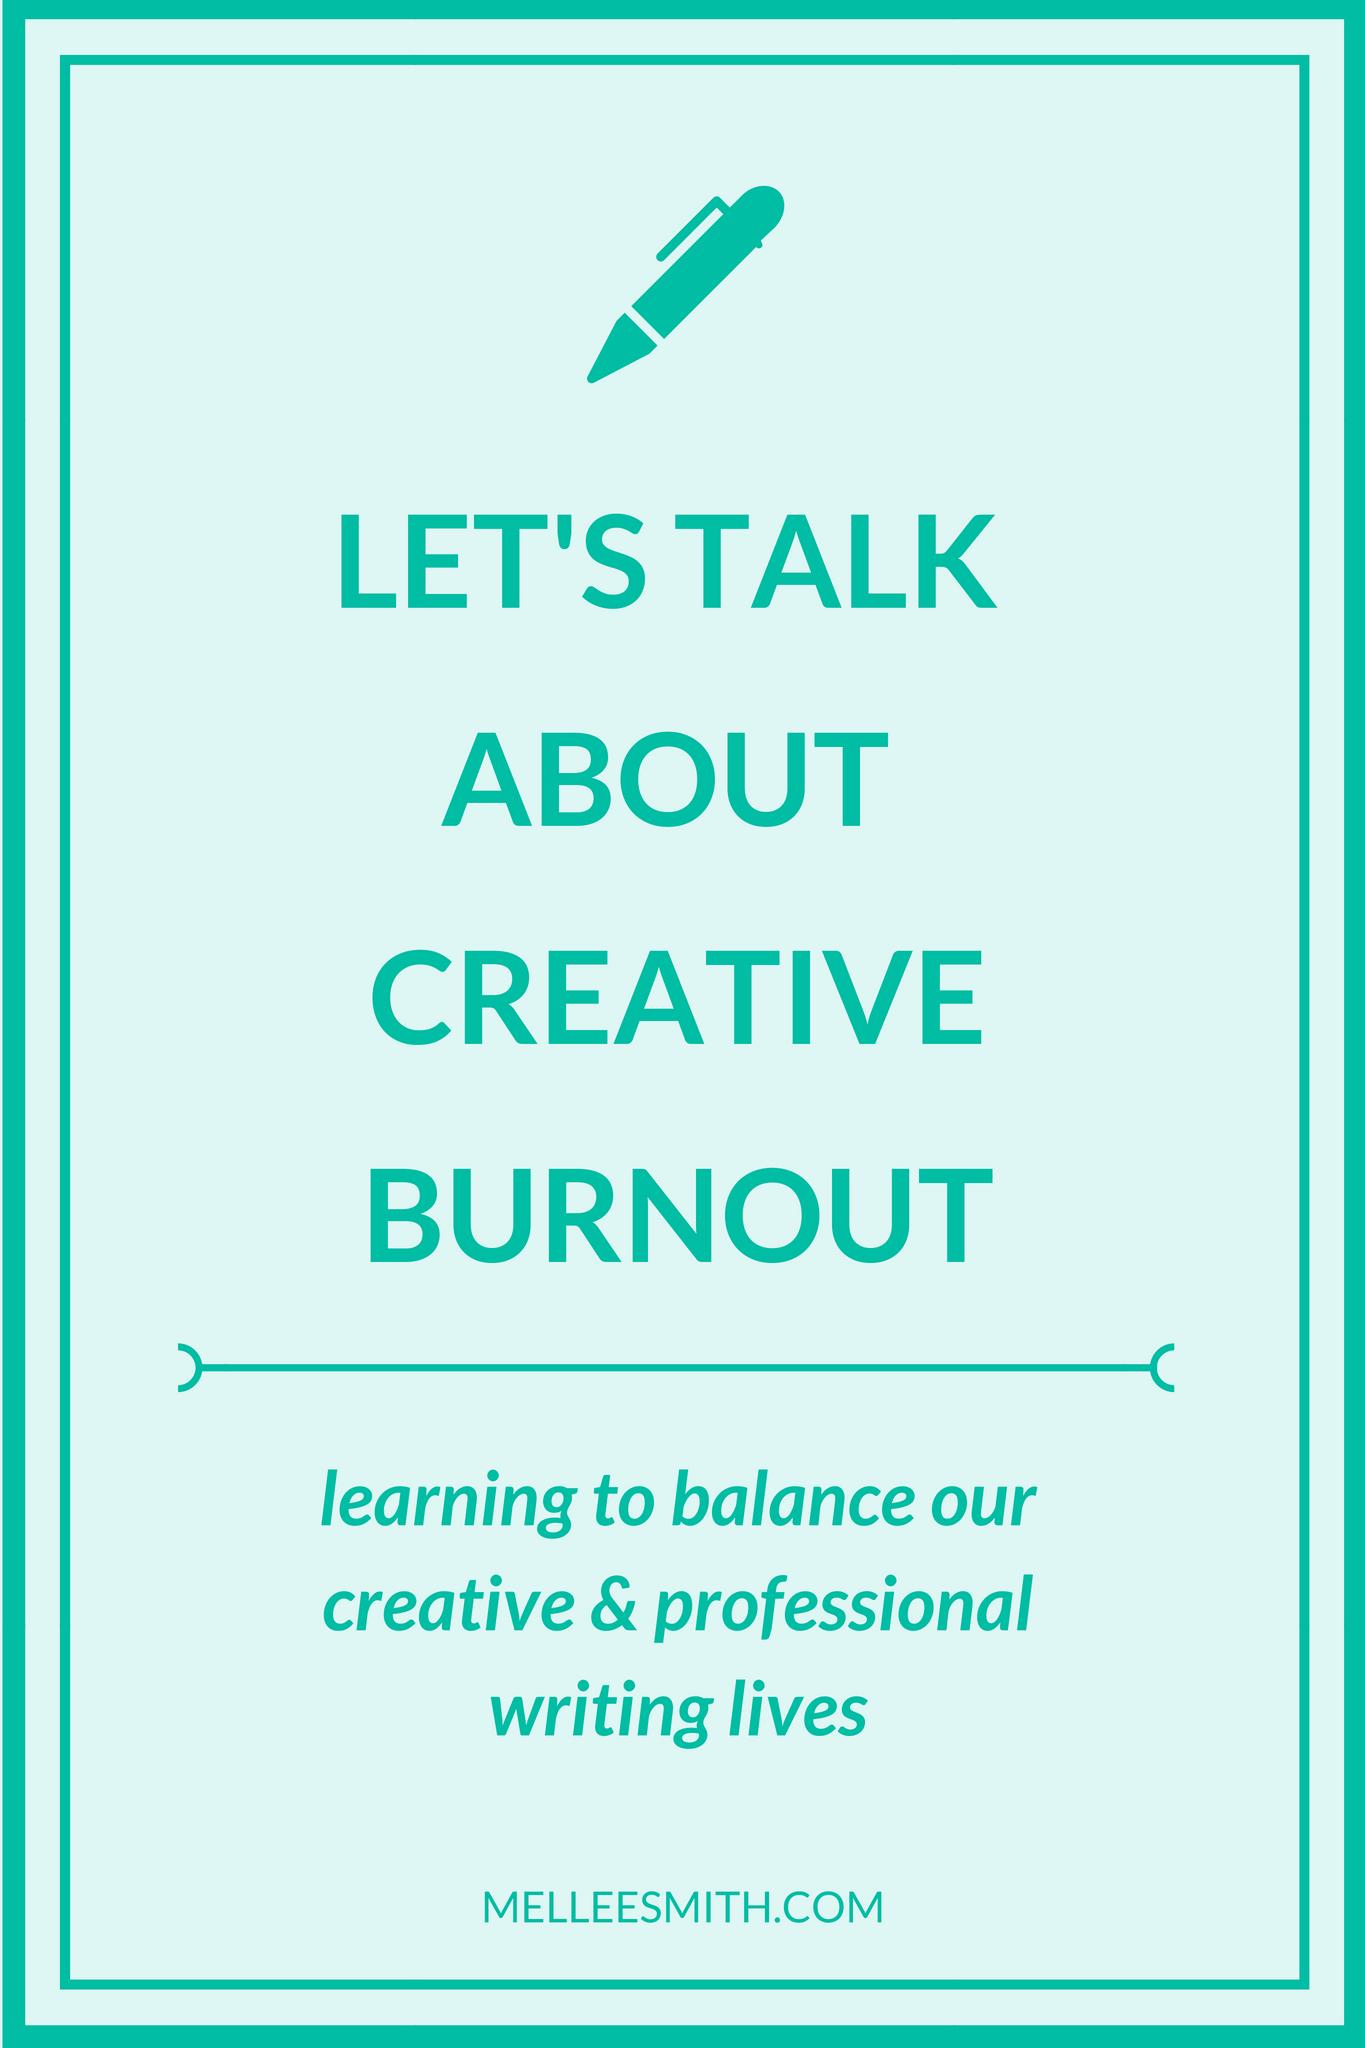 let's talk about creative burnout